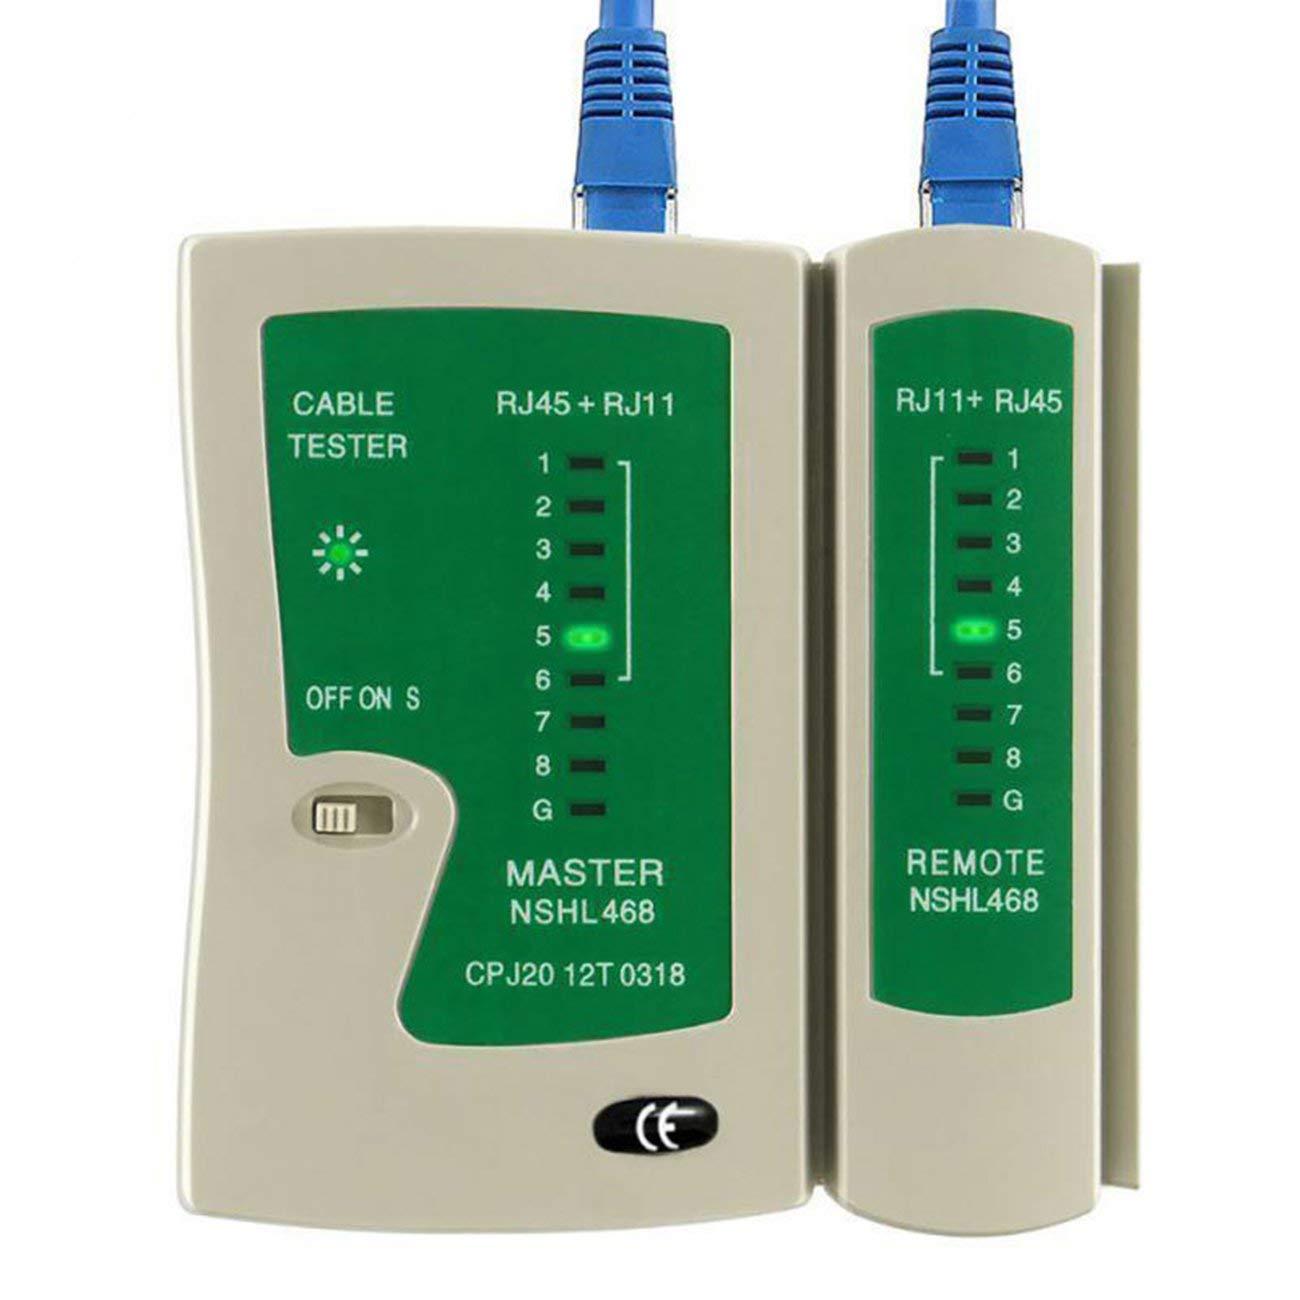 Testeur de c/âble r/éseau professionnel RJ45 RJ11 RJ12 CAT5 UTP LAN Testeur de c/âble D/étecteur Outils de test /à distance Mise en r/éseau blanc et vert JIO-F